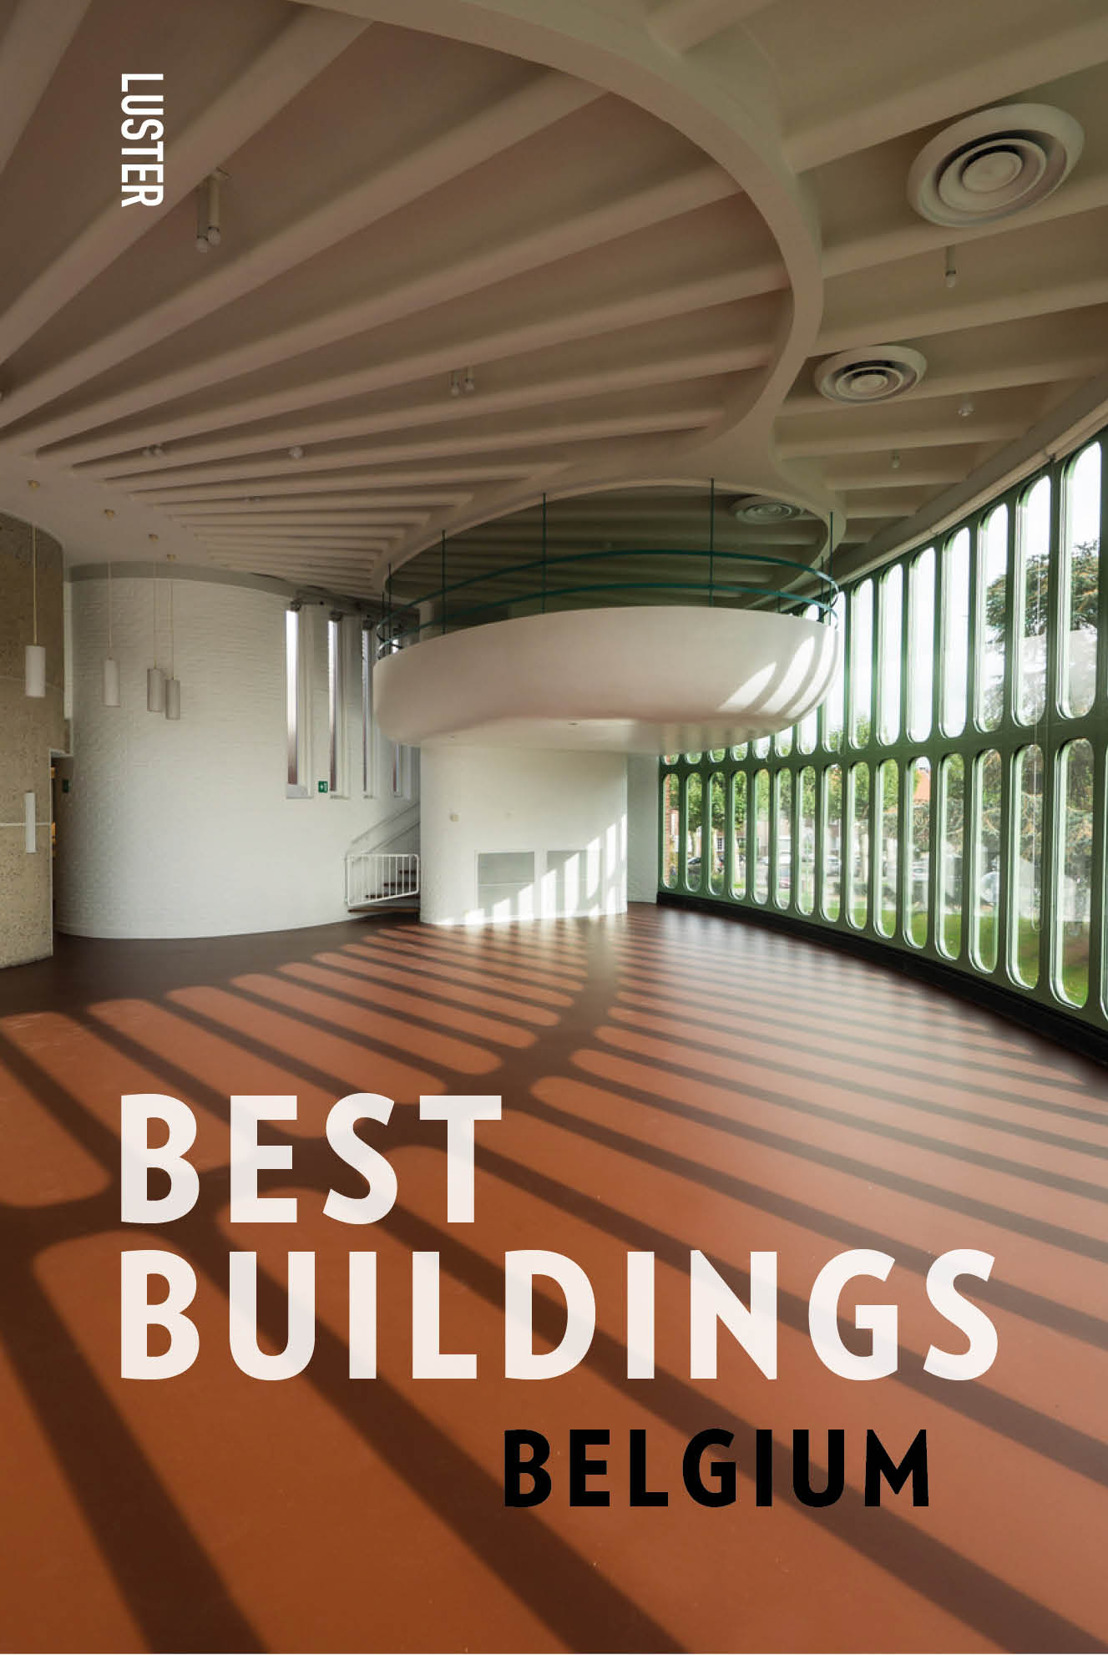 Uitgeverij Luster onthult 'Best Buildings - Belgium'